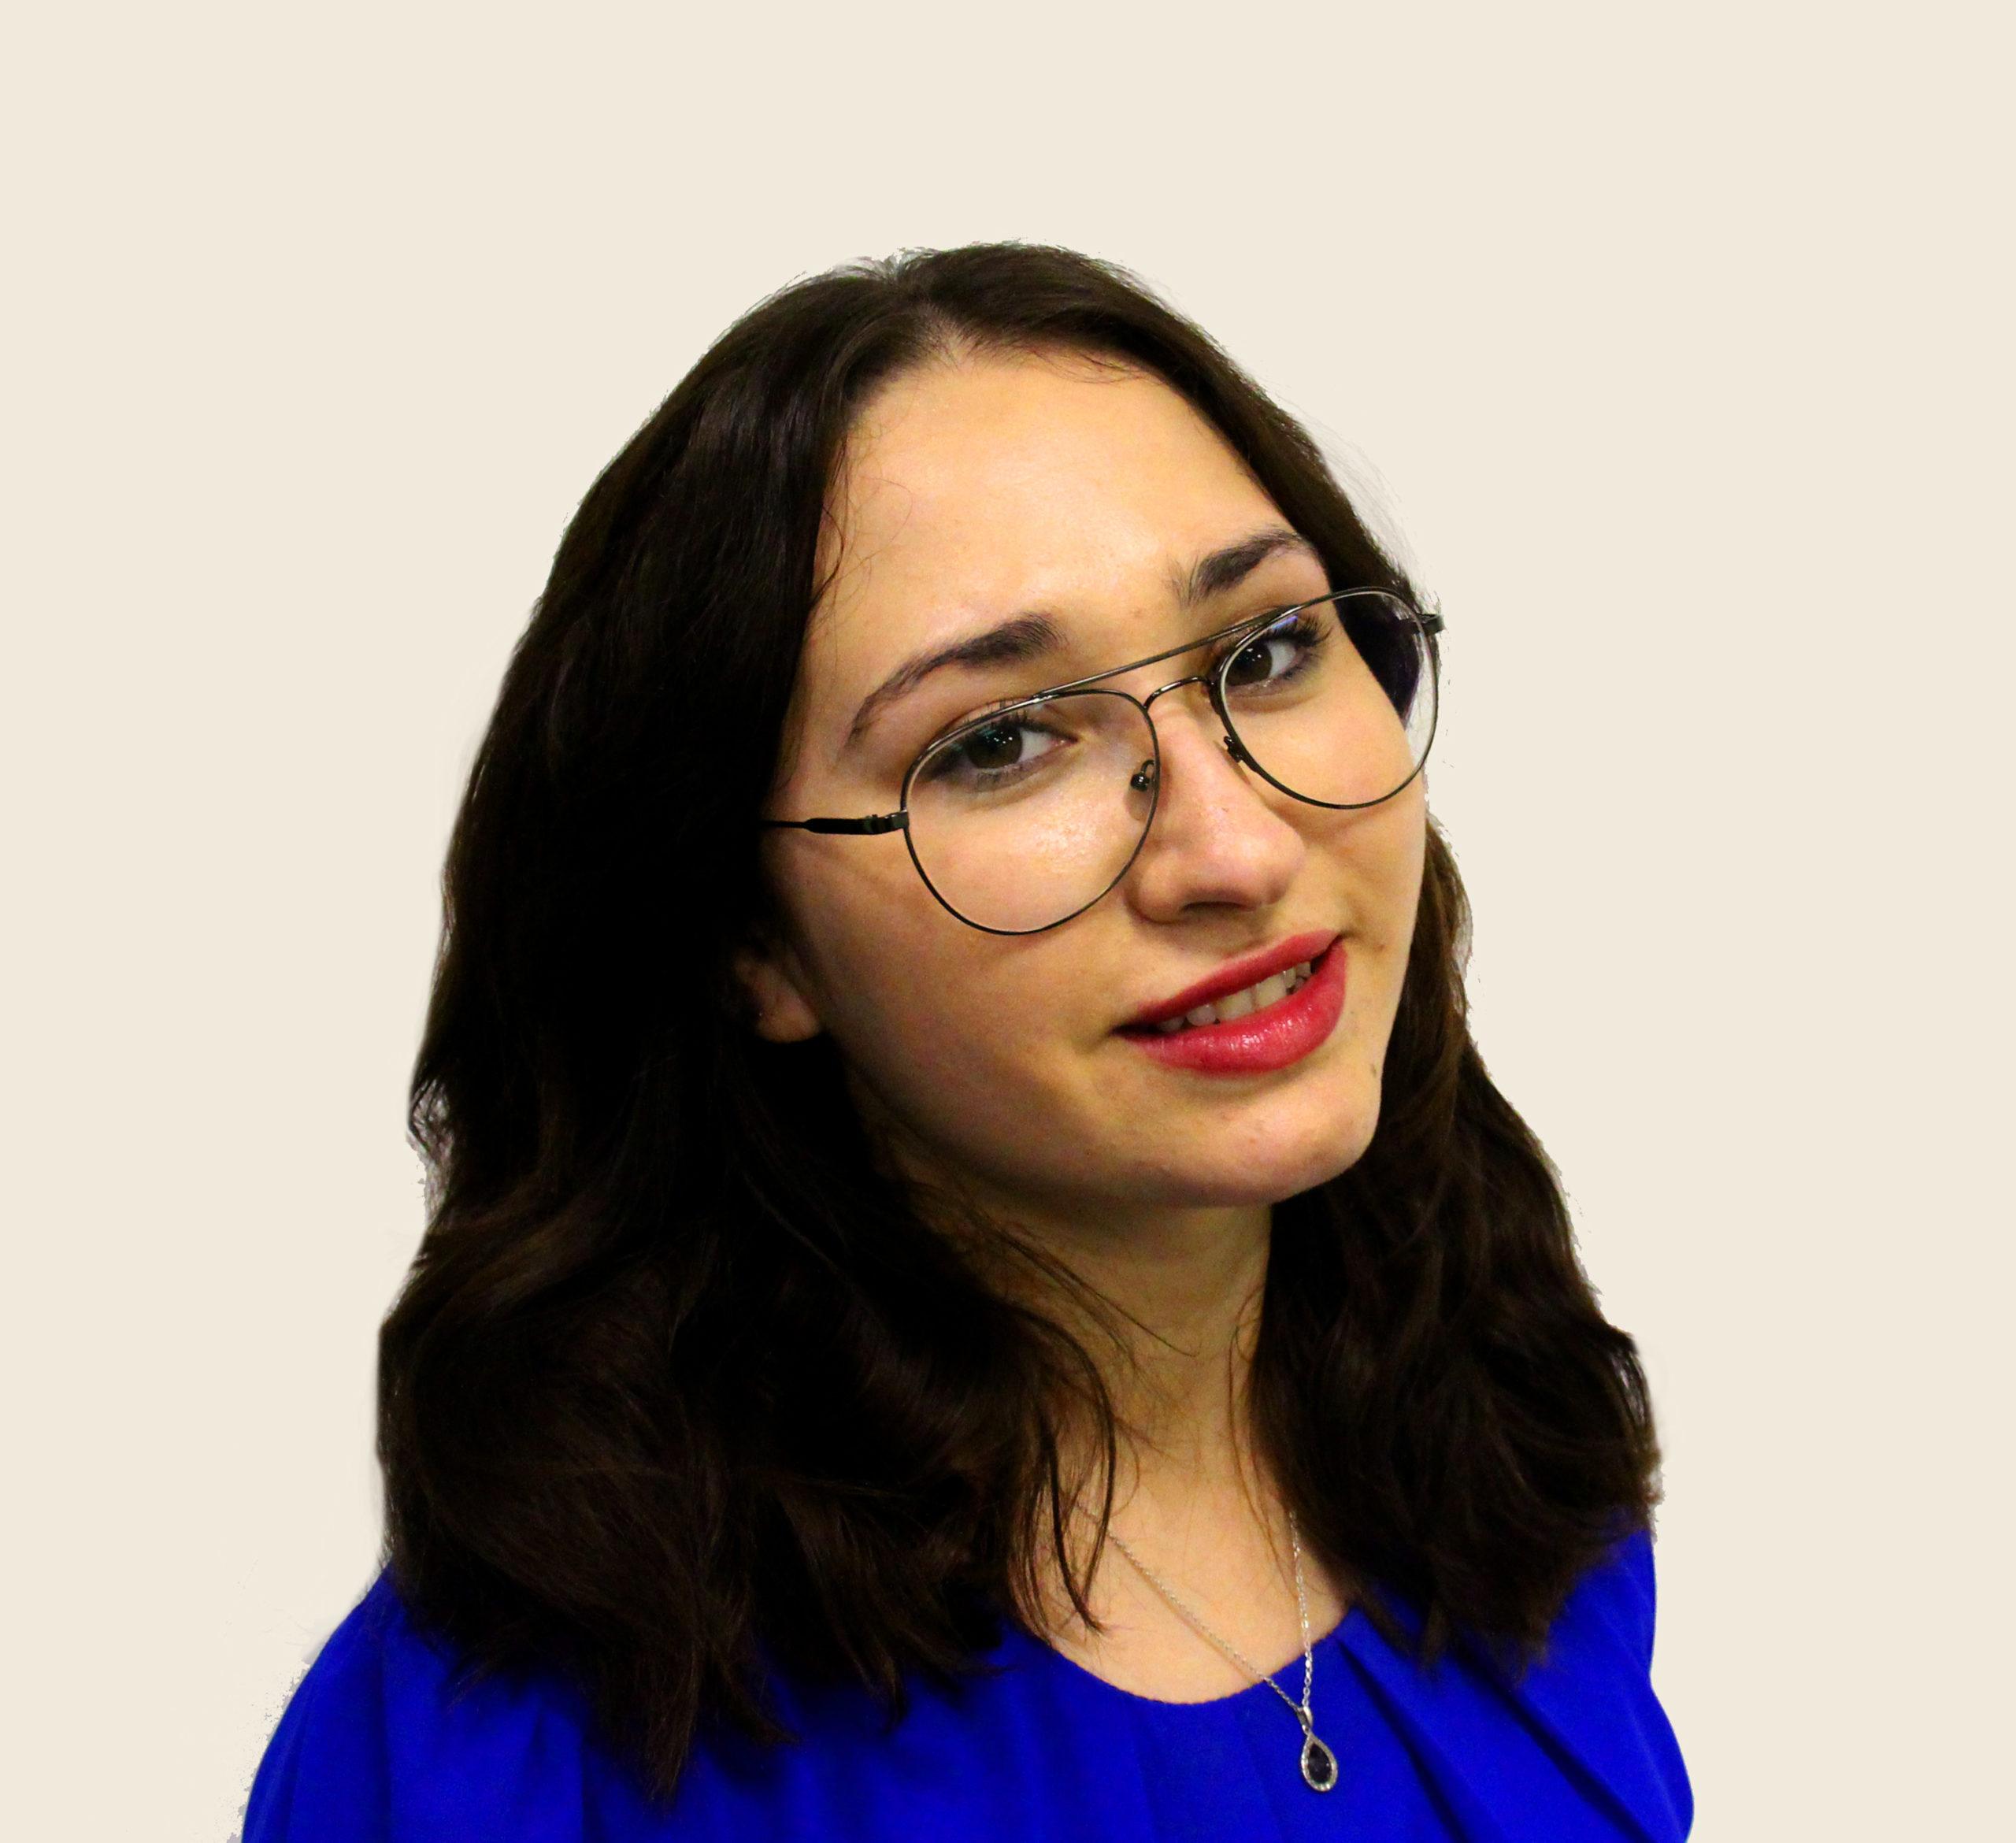 Ярошевич София Григорьевна